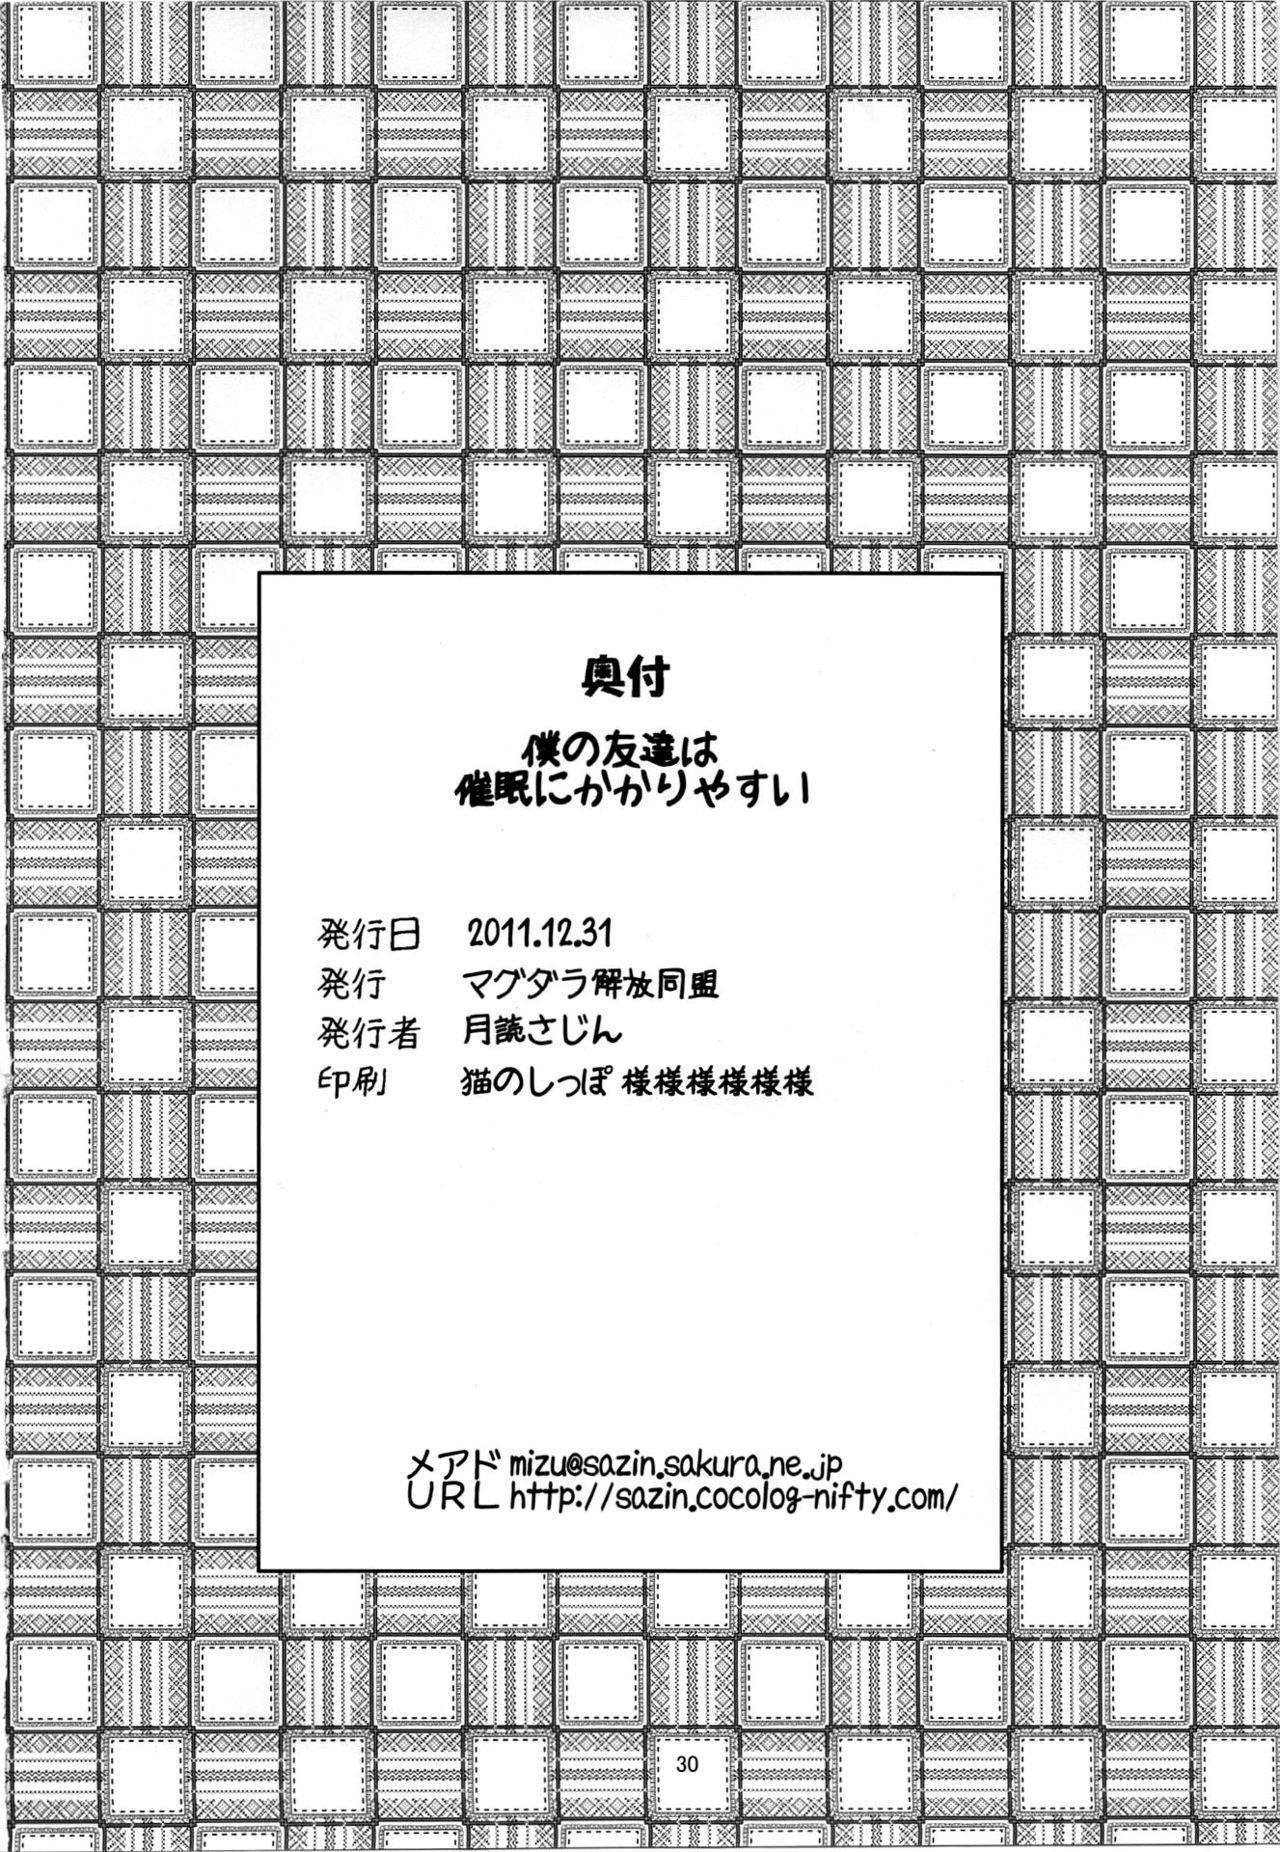 Boku no Tomodachi wa Saimin ni Kakari Yasui | My Friends Are Easy to Hypnotize 28